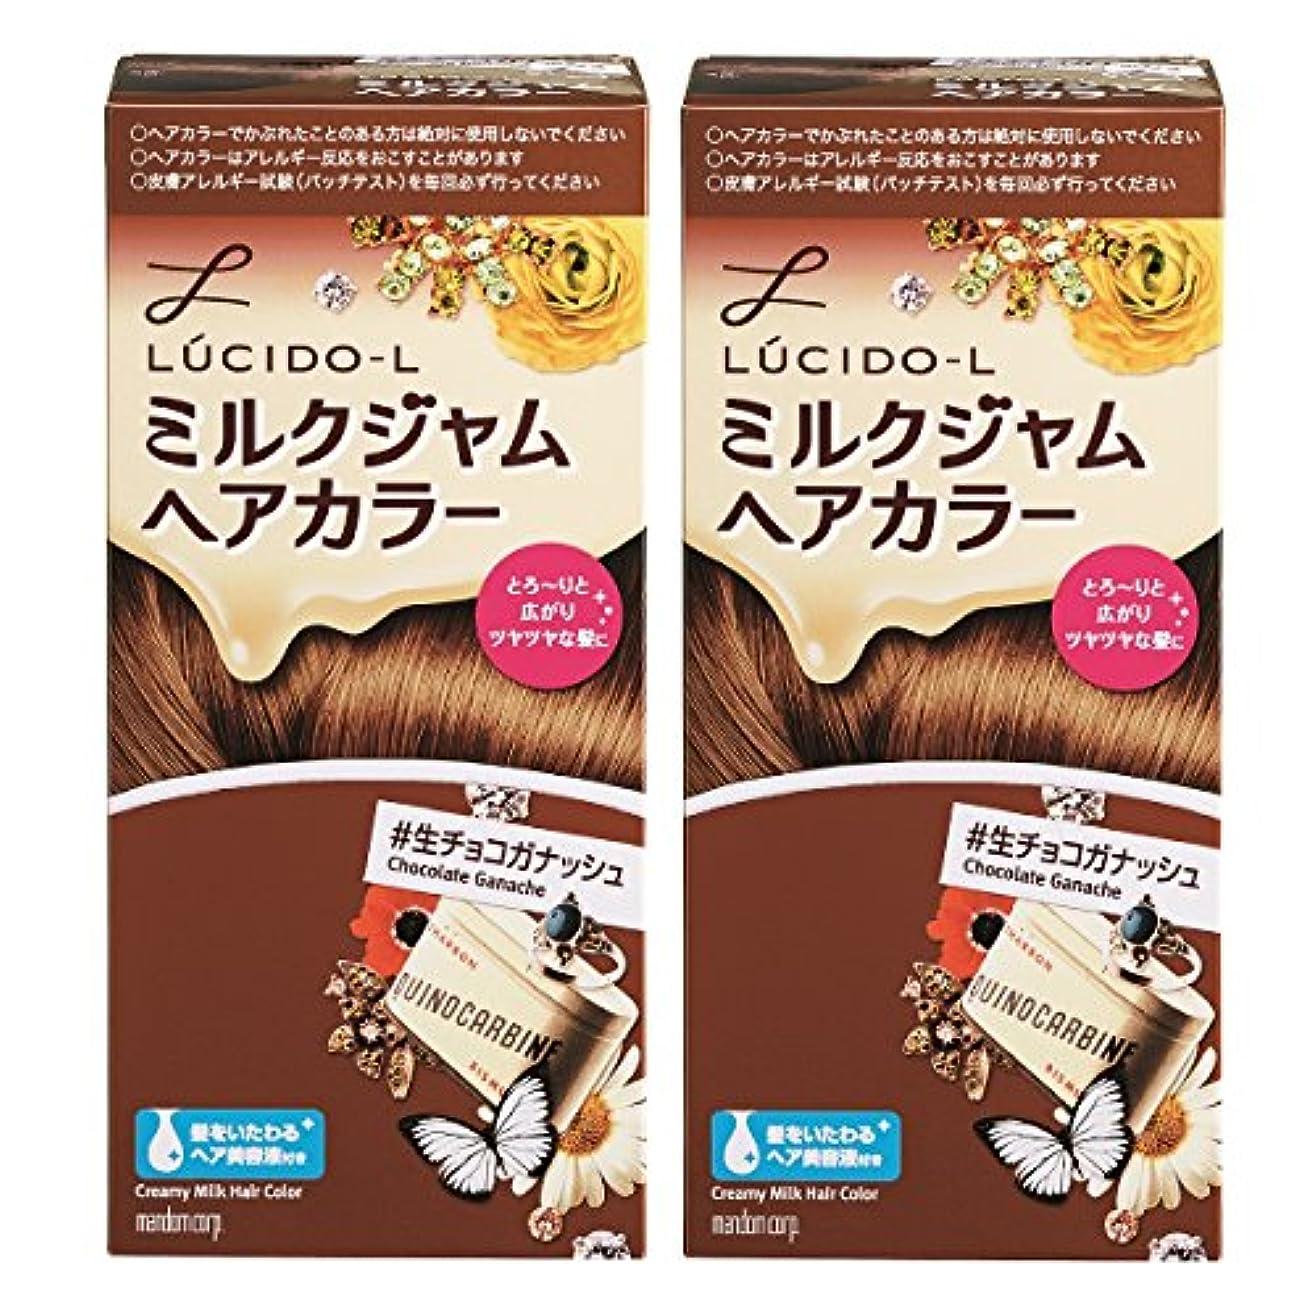 【まとめ買い】LUCIDO-L (ルシードエル)ミルクジャムヘアカラー #生チョコガナッシュ×2個パック (医薬部外品)